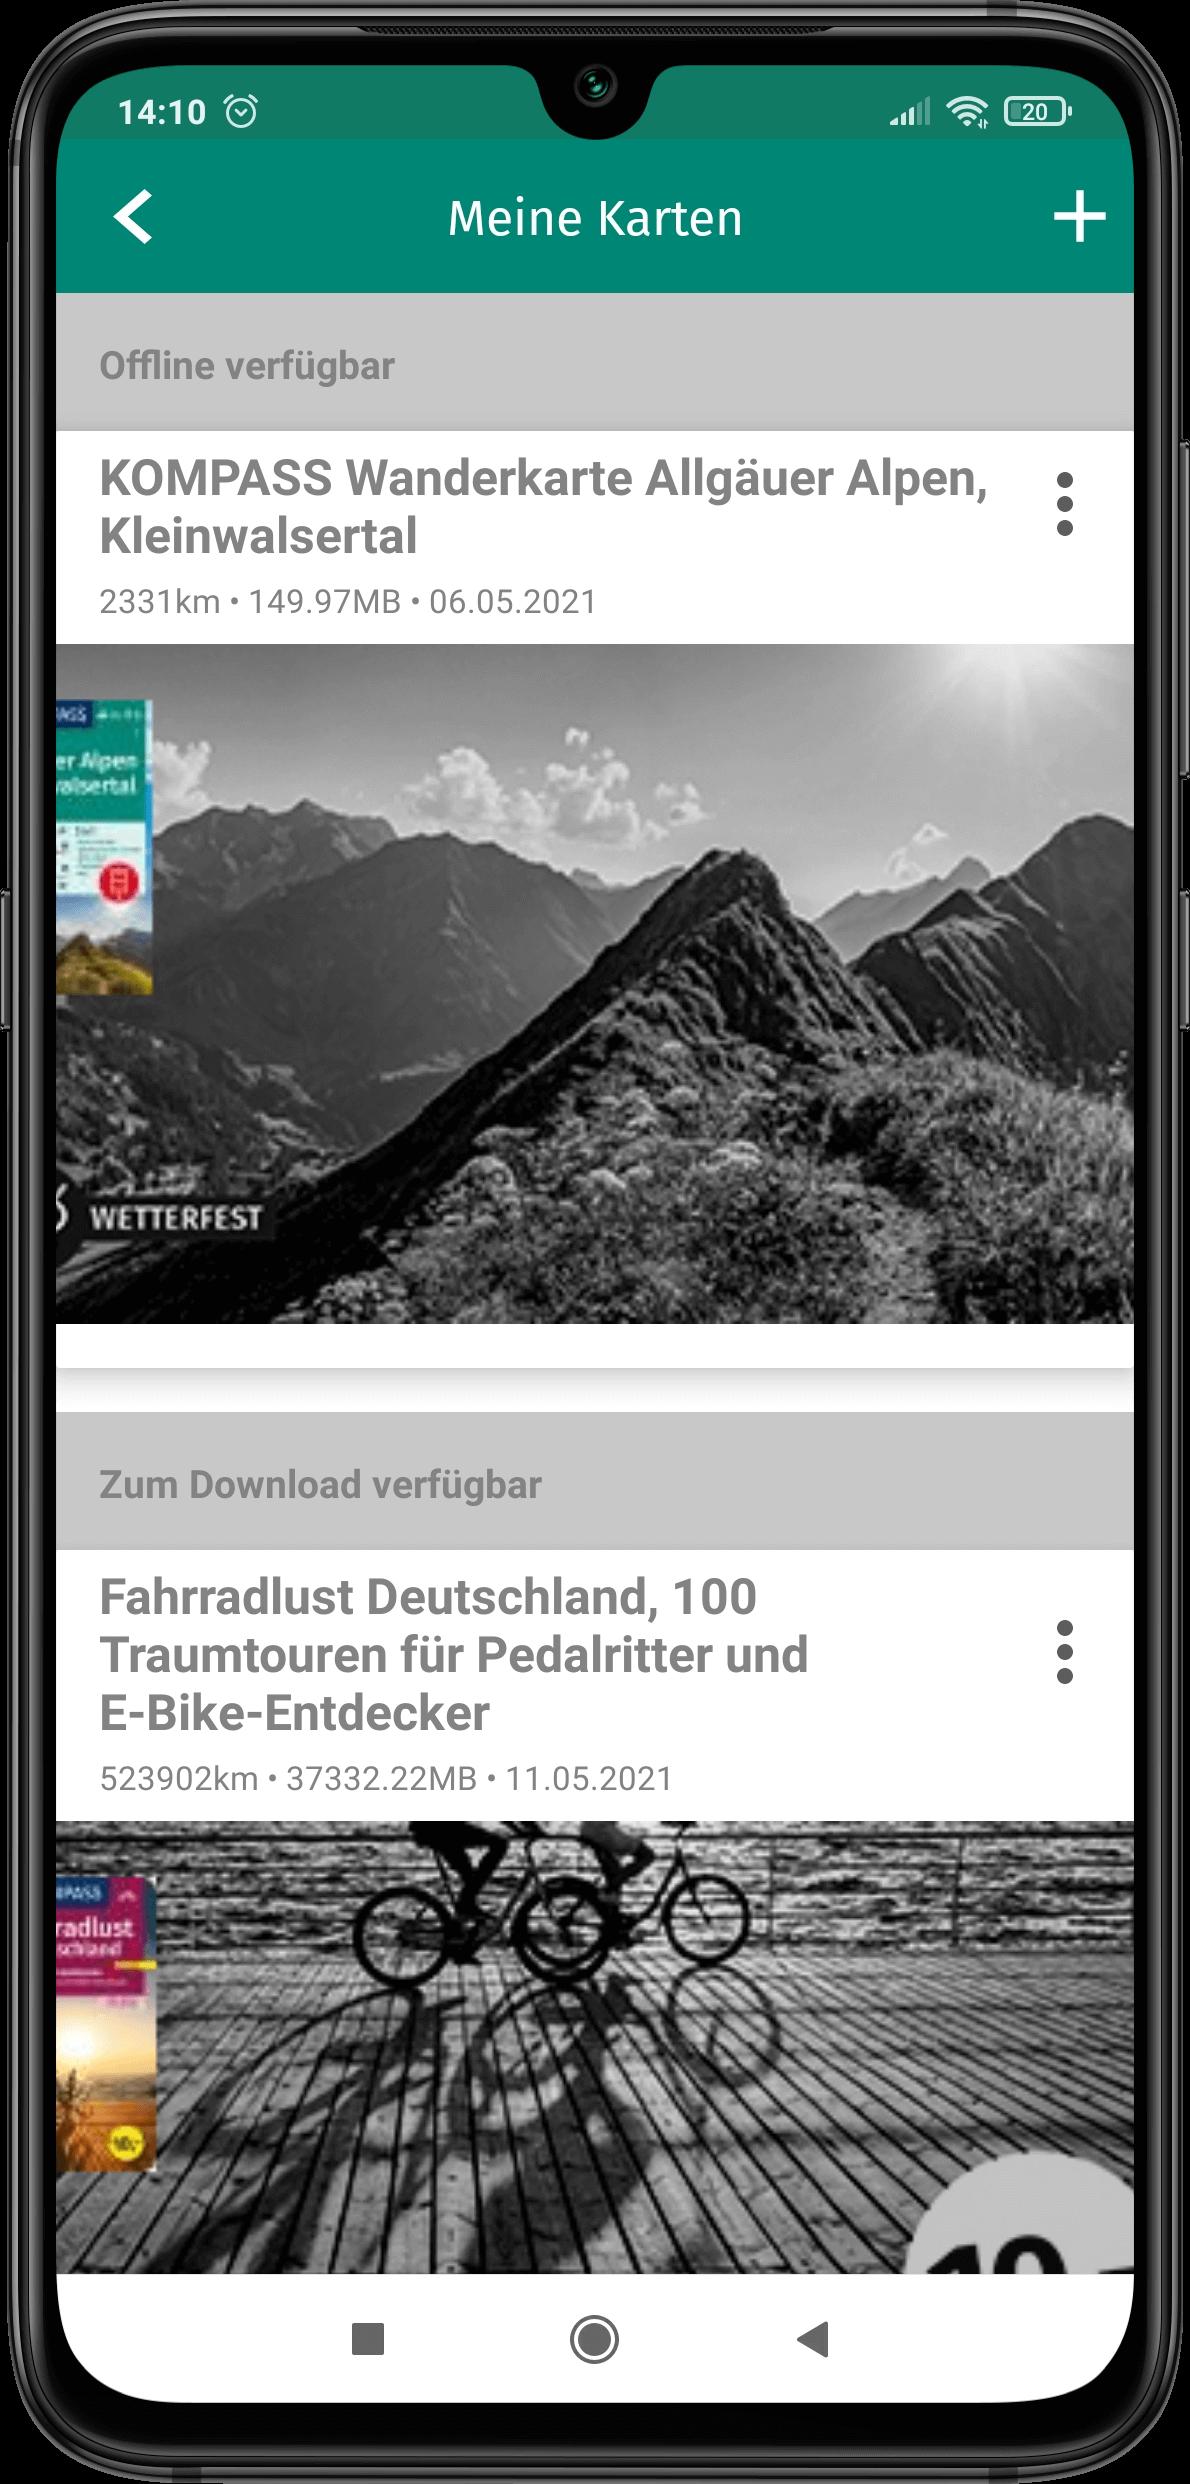 App Screenshot - Meine Karten offline nutzen - Beispiel Abbildung einer Tour